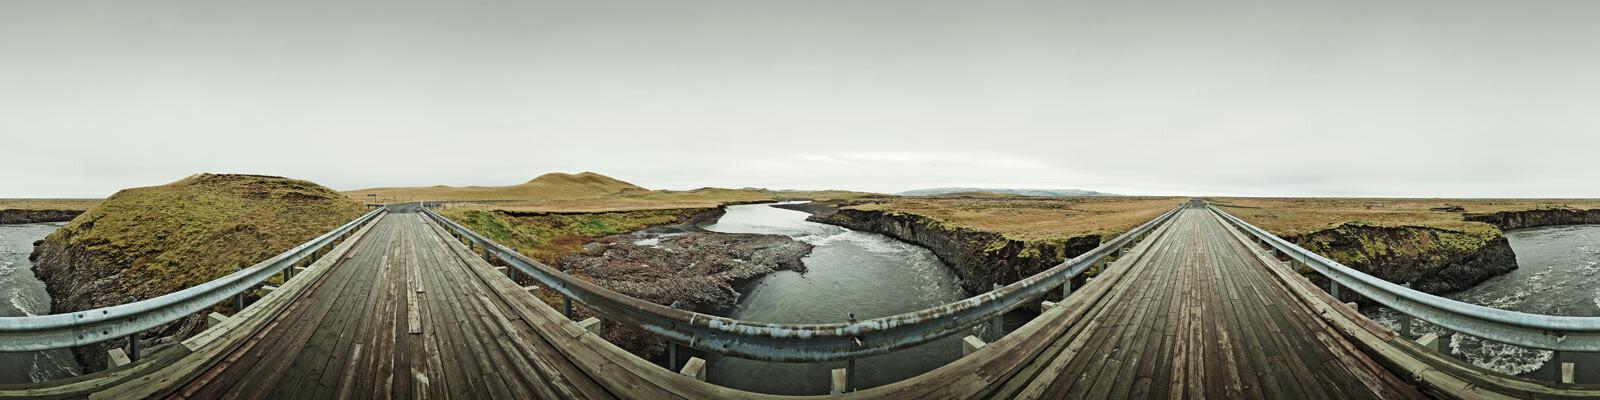 Iceland #4 Eldvatn - Josh Von Staudach